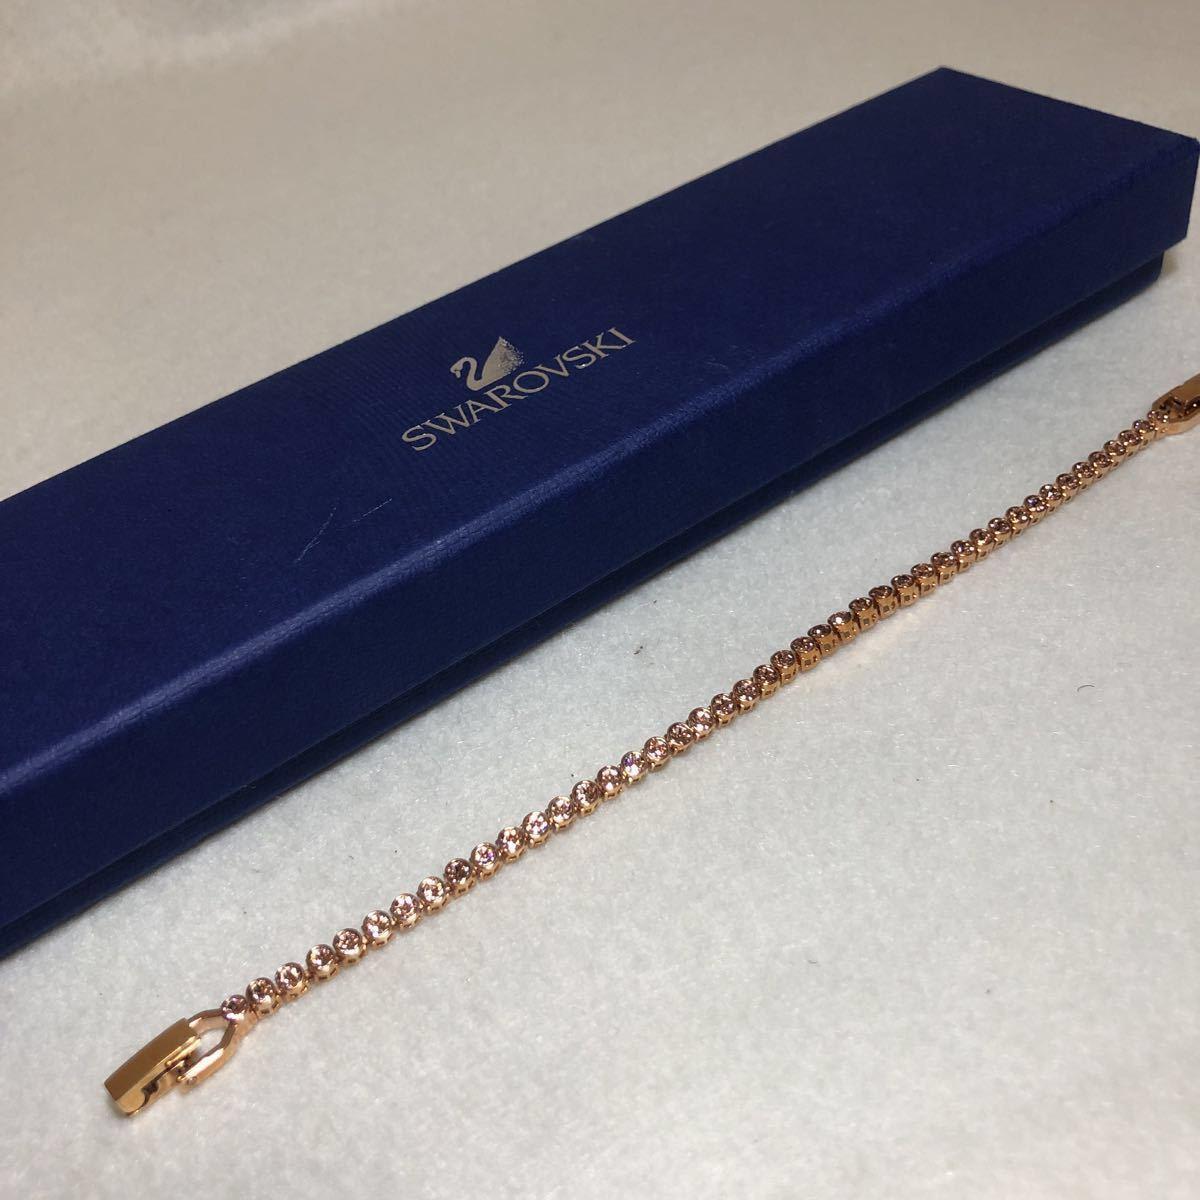 美品 スワロフスキー SWAROVSKI ブレスレット ピンク ゴールド ピンク石 未使用 大人気